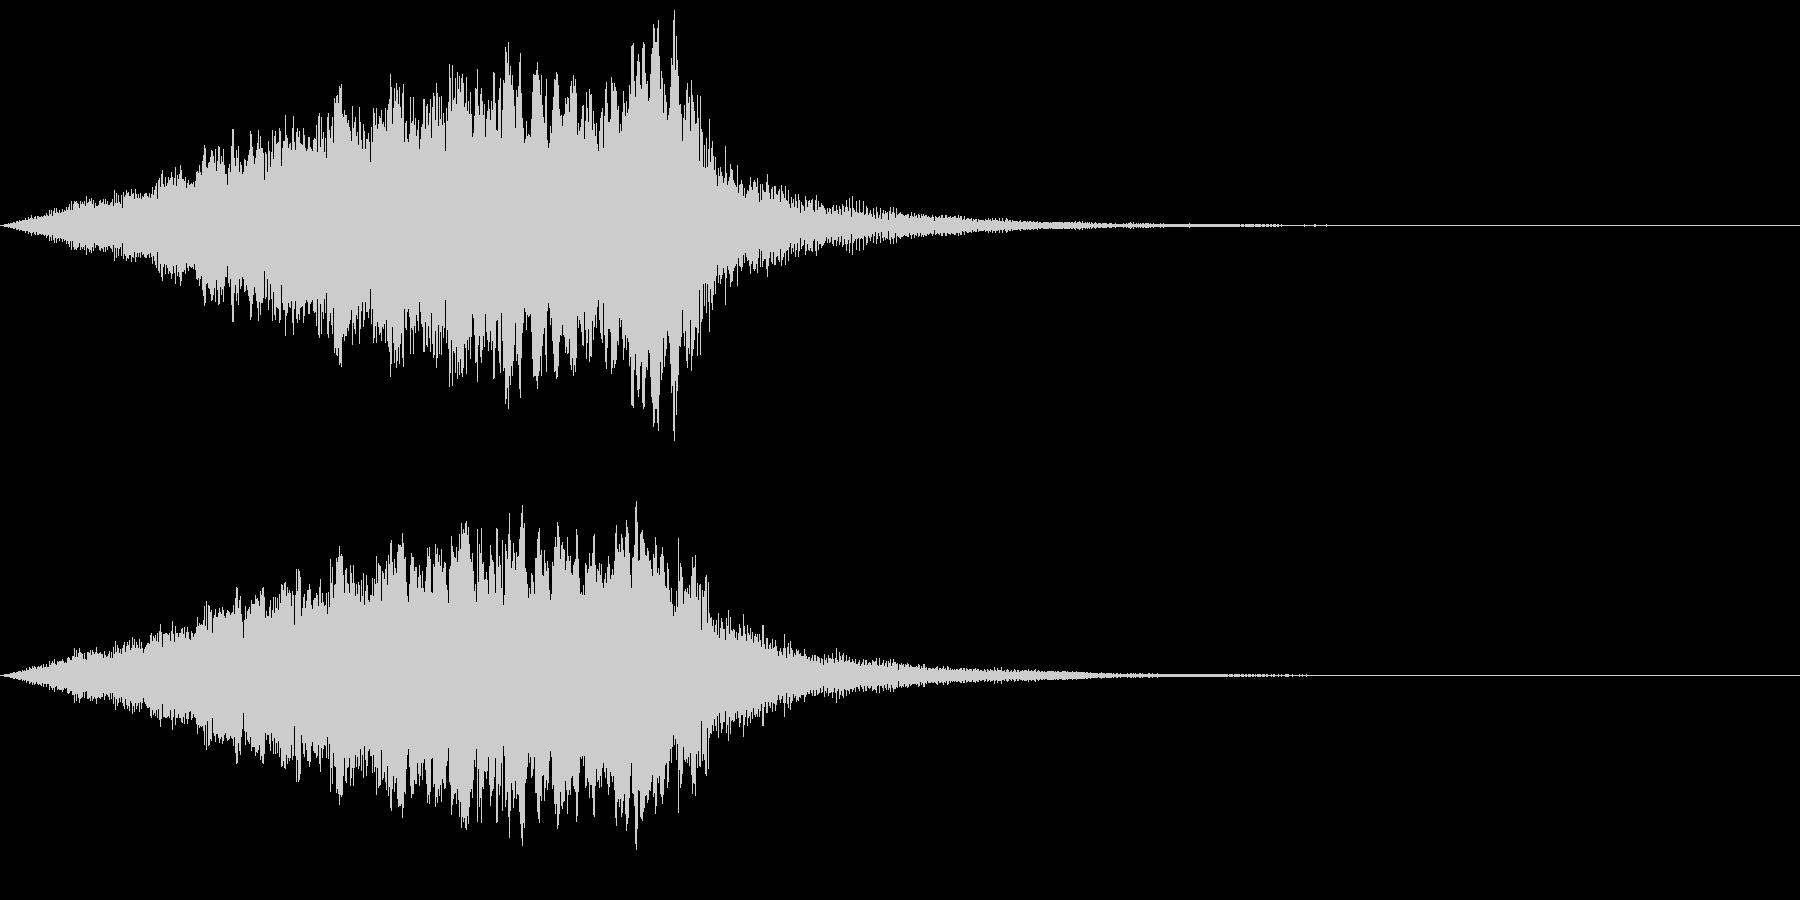 近未来機械音02の未再生の波形